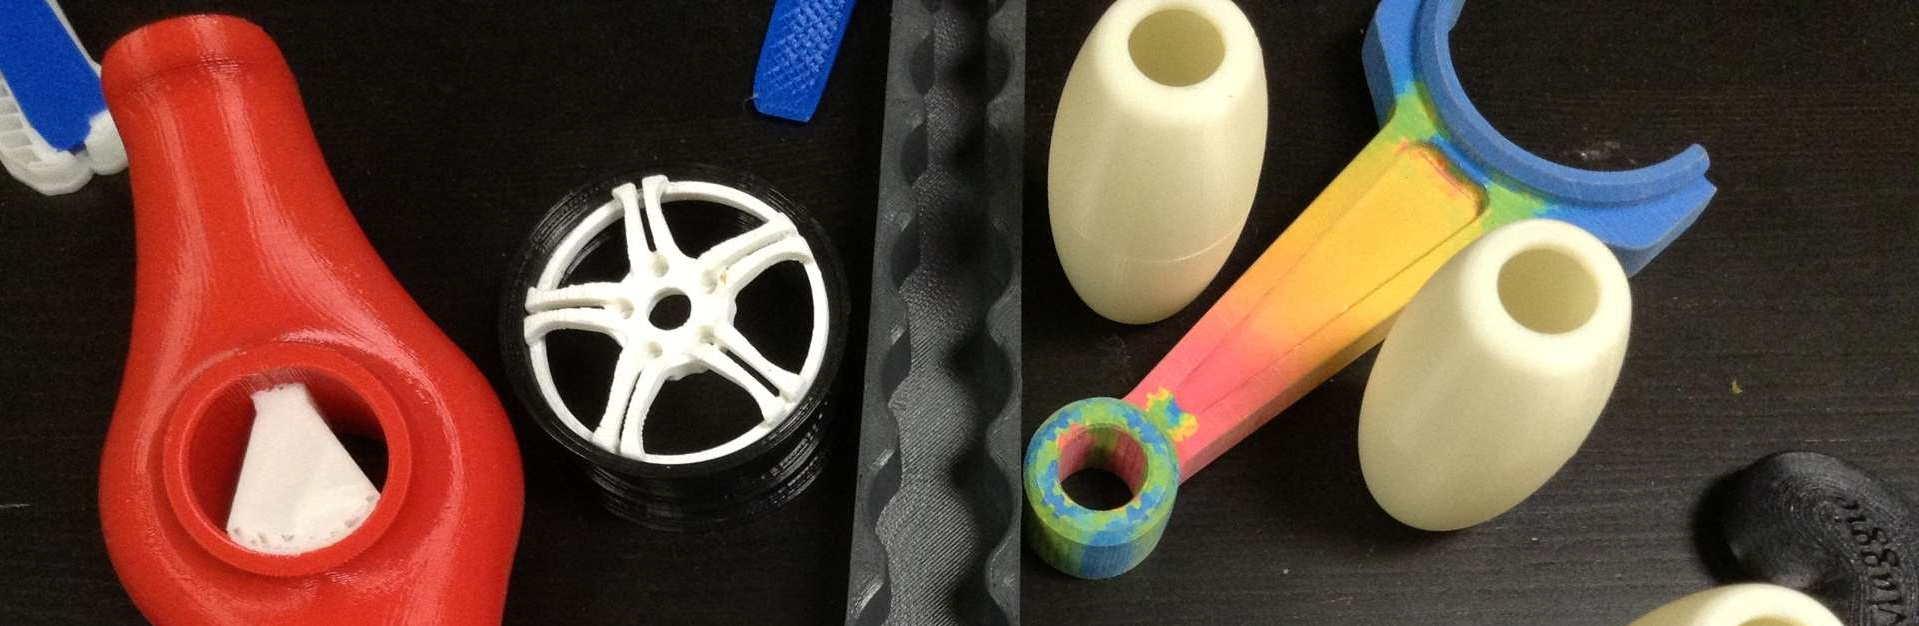 various color parts